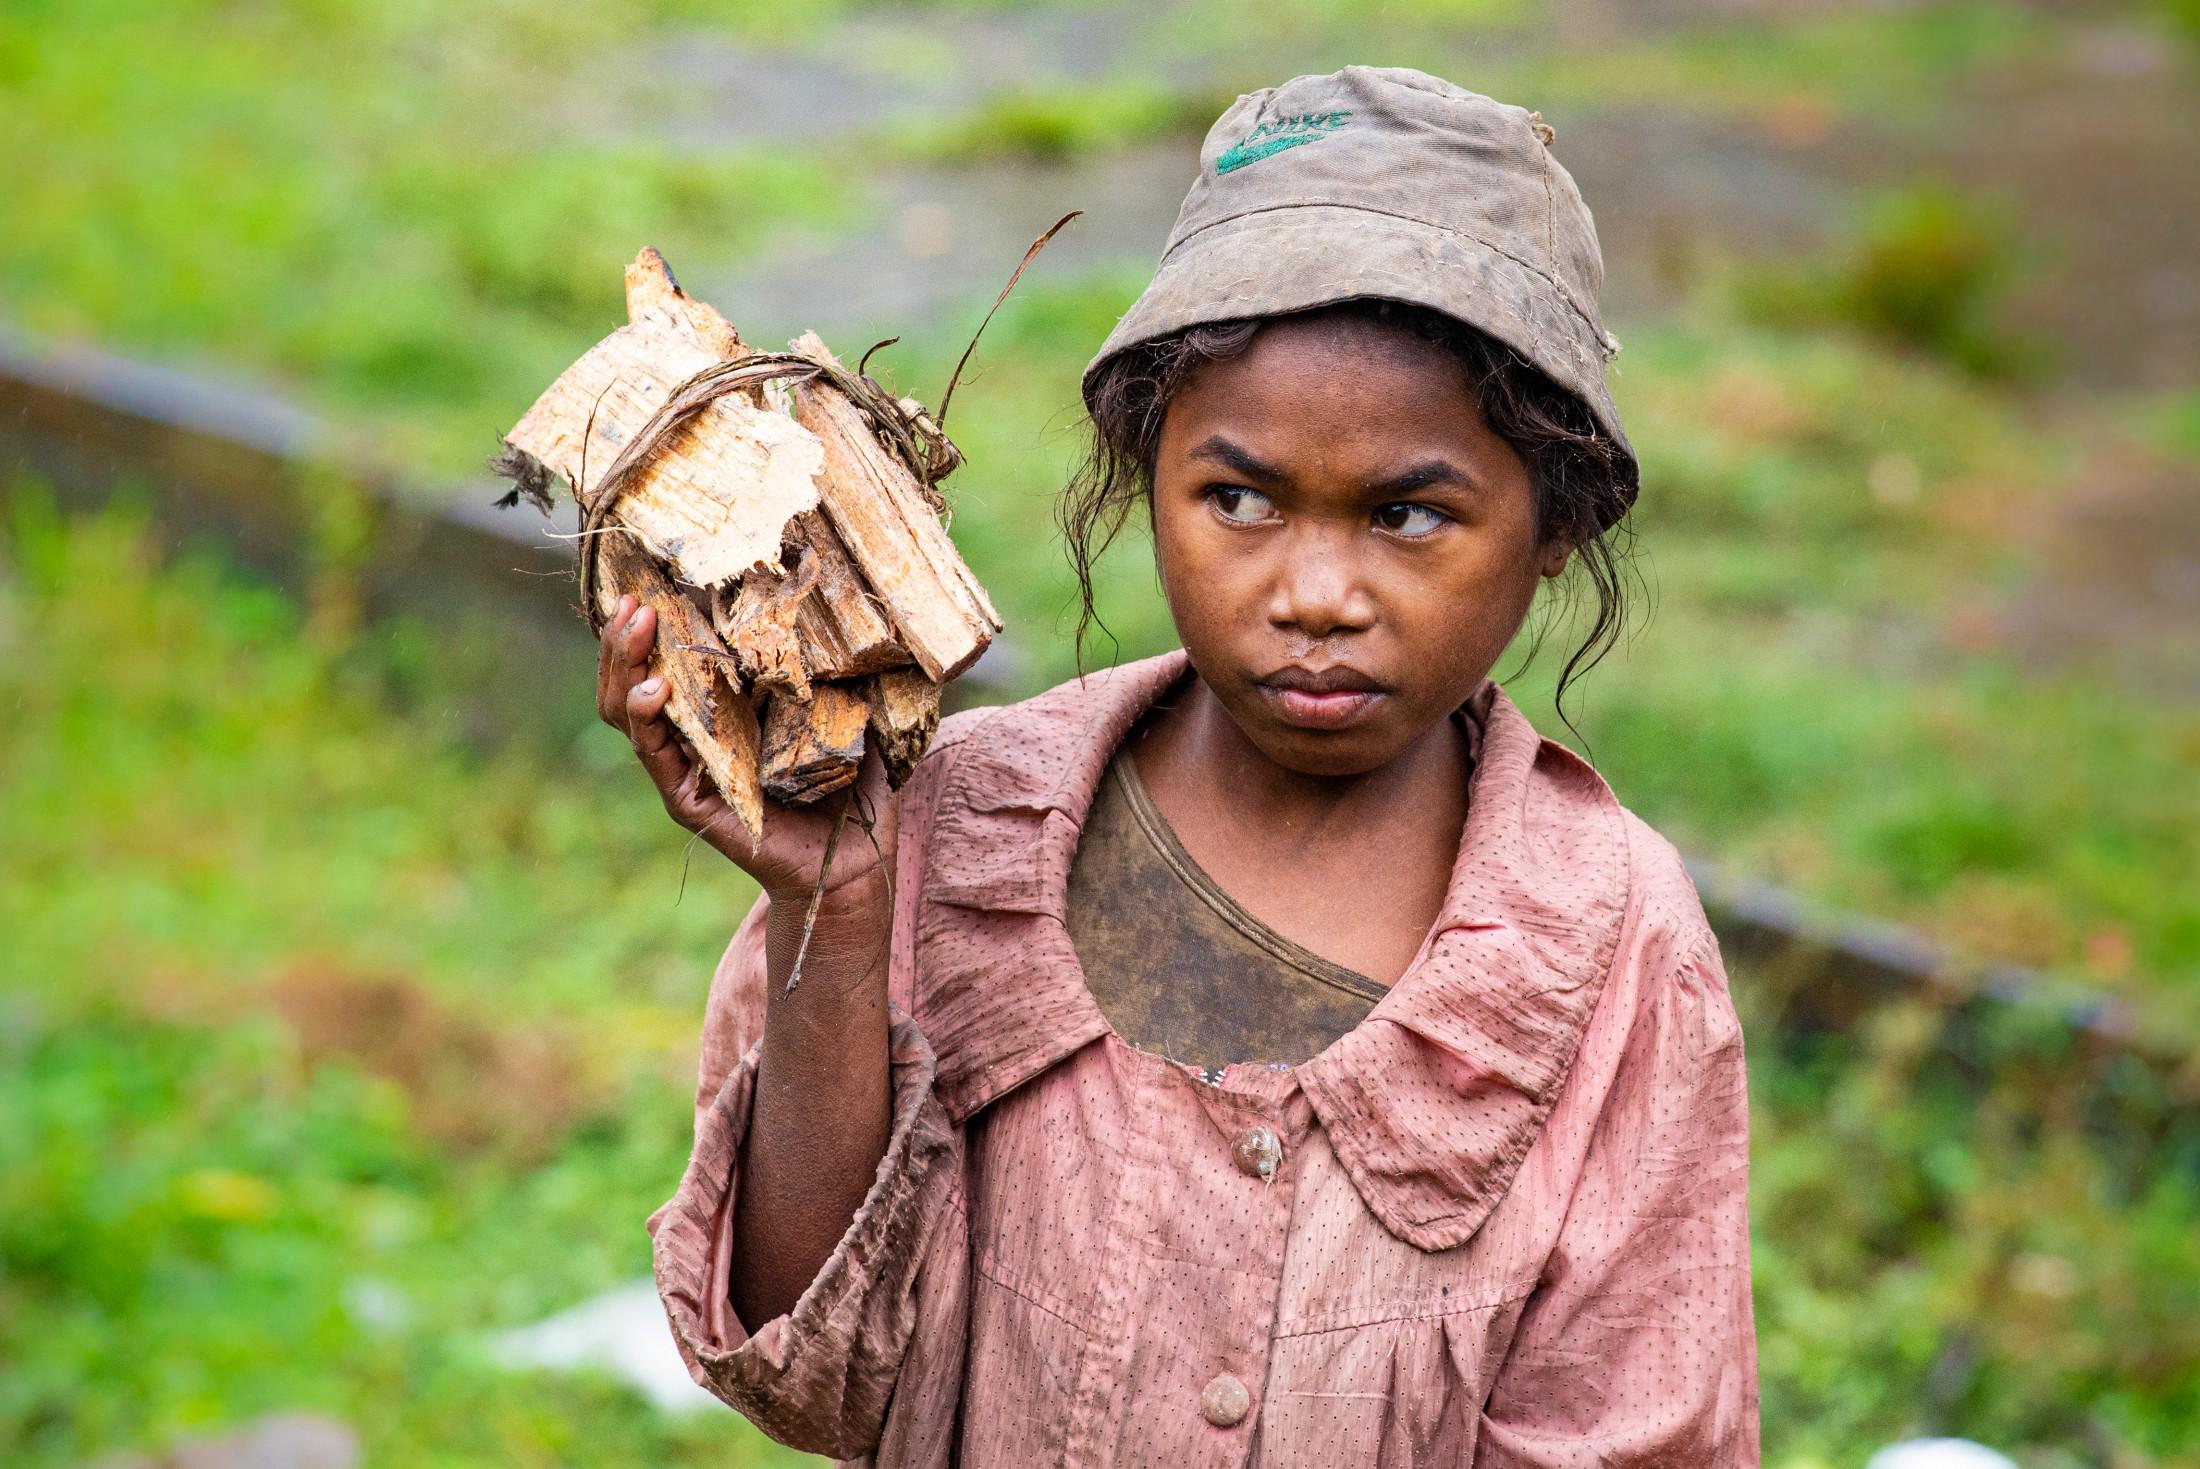 Armut - Umwelt - Klimawandel